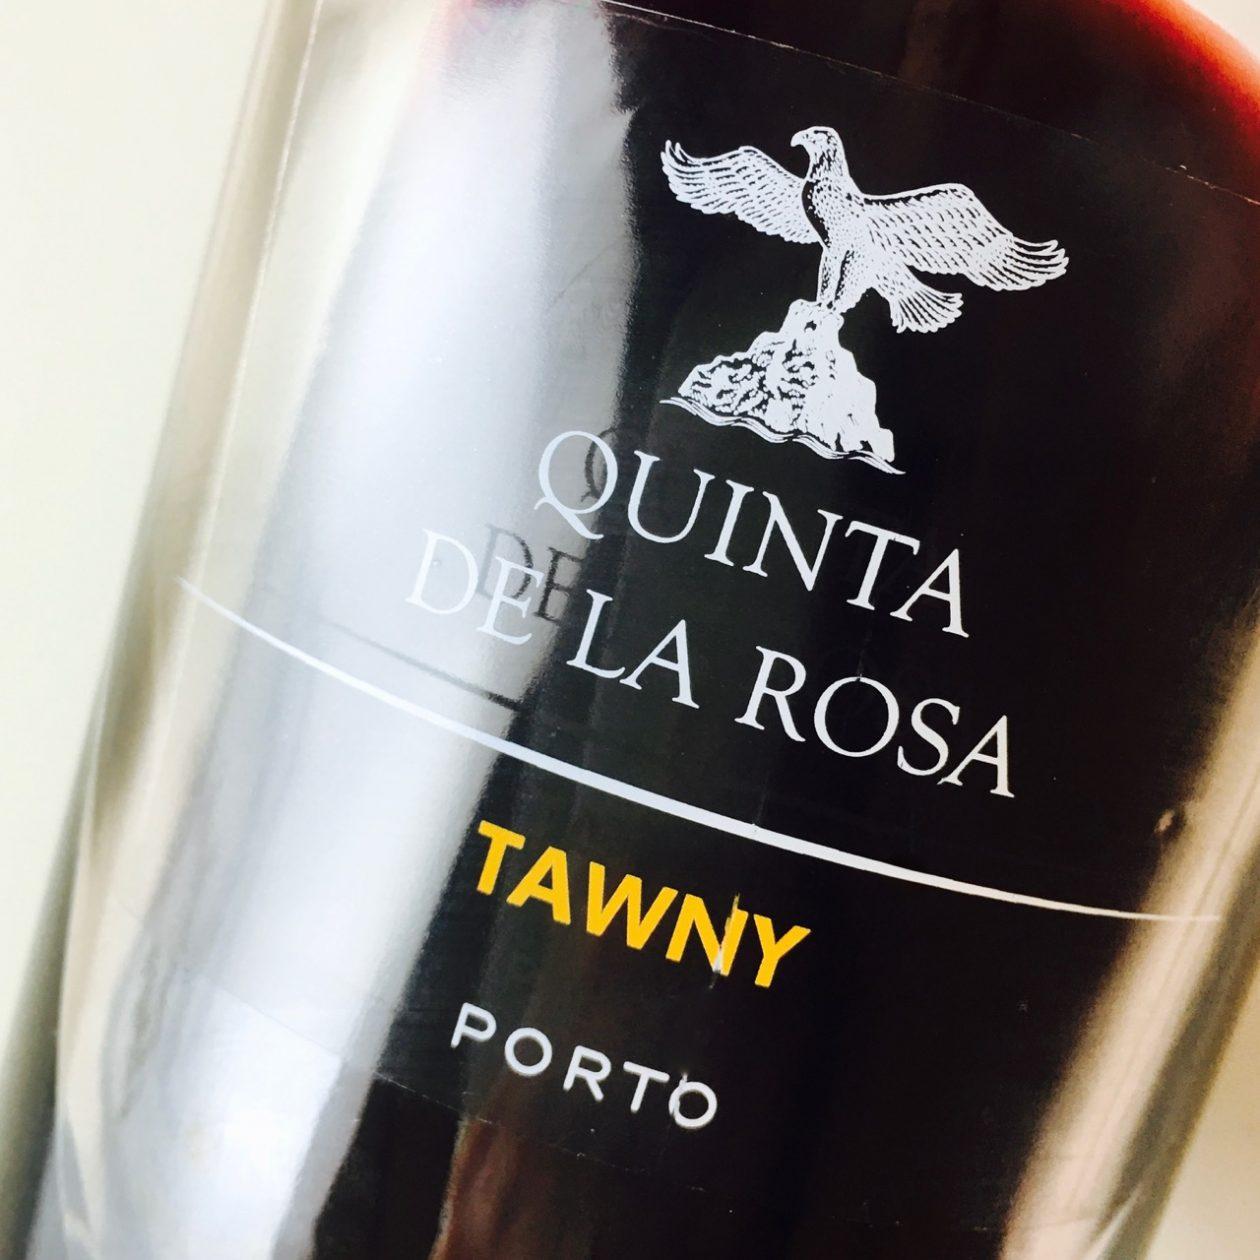 NV Quinta de la Rosa Tawny Port Porto DOC